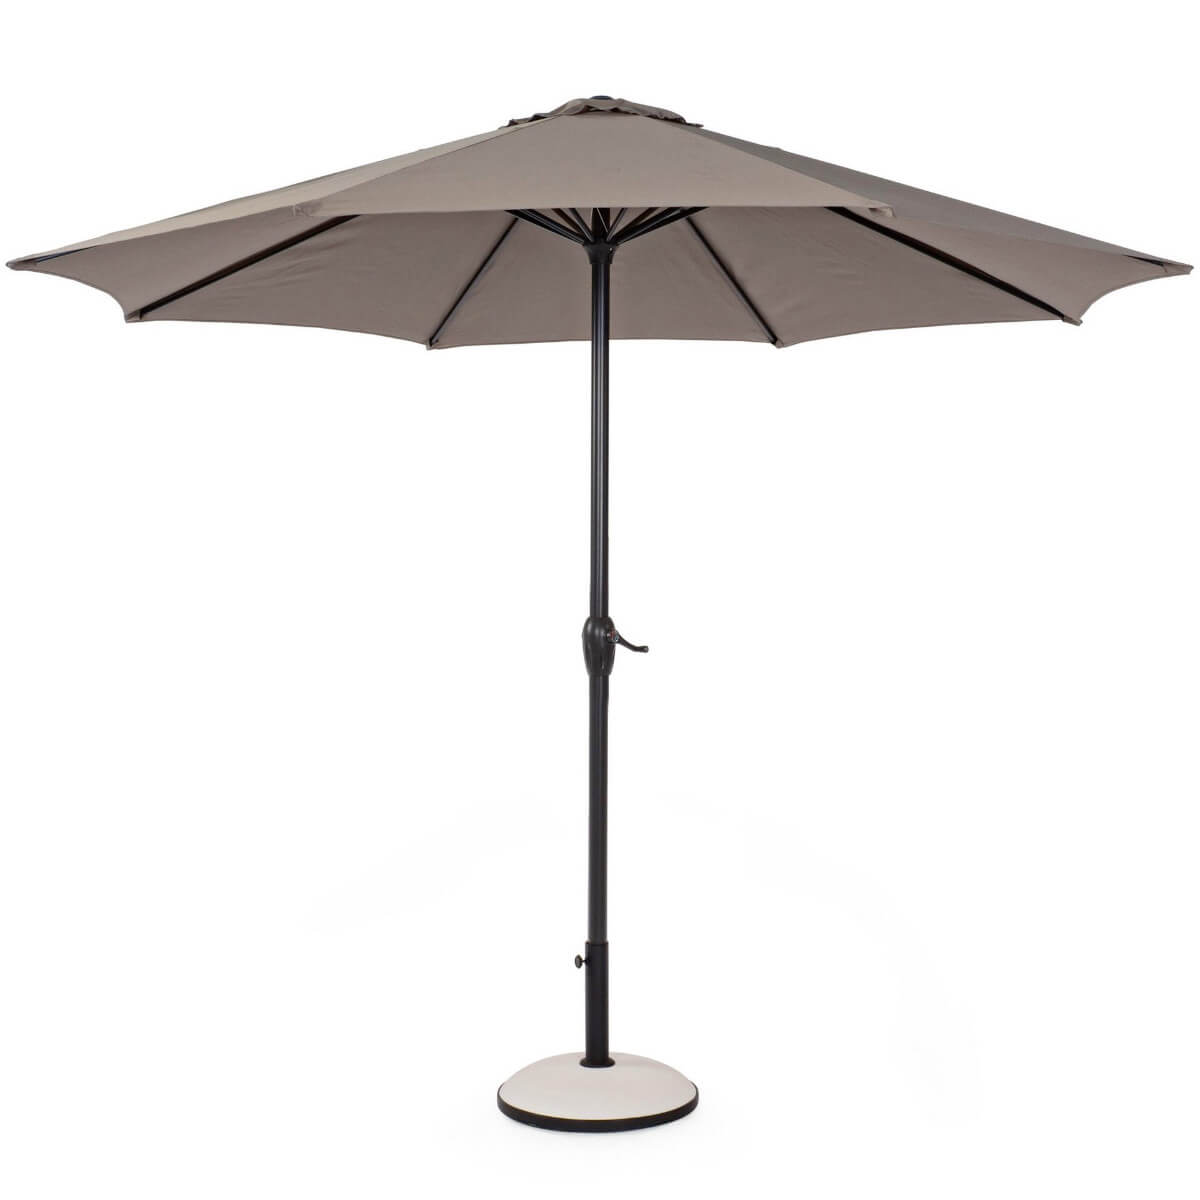 Зонт 4villa Салерно 300 см коричневый